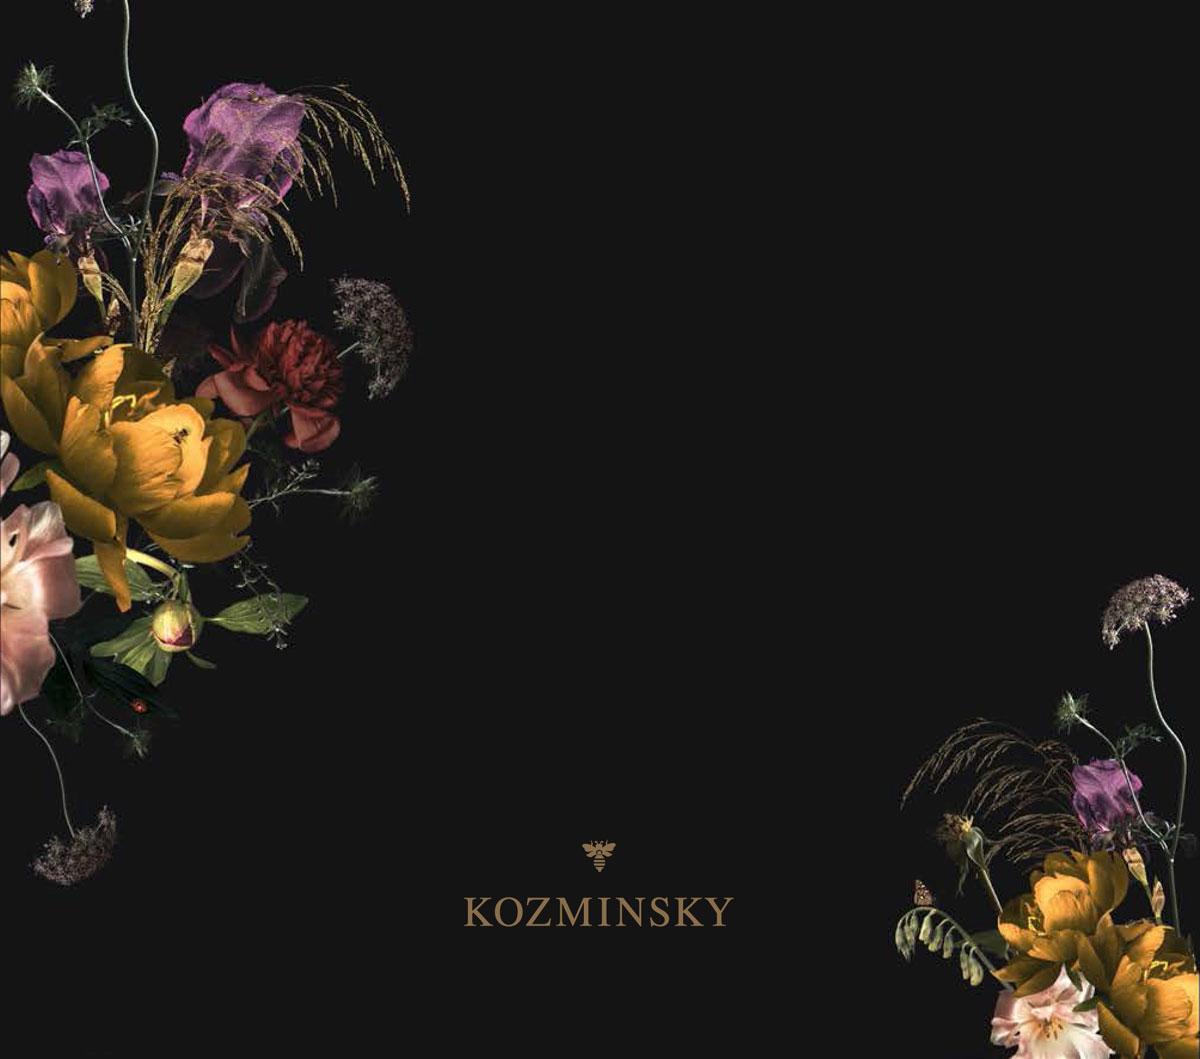 Kozminsky 2018 Catalogue Out Now